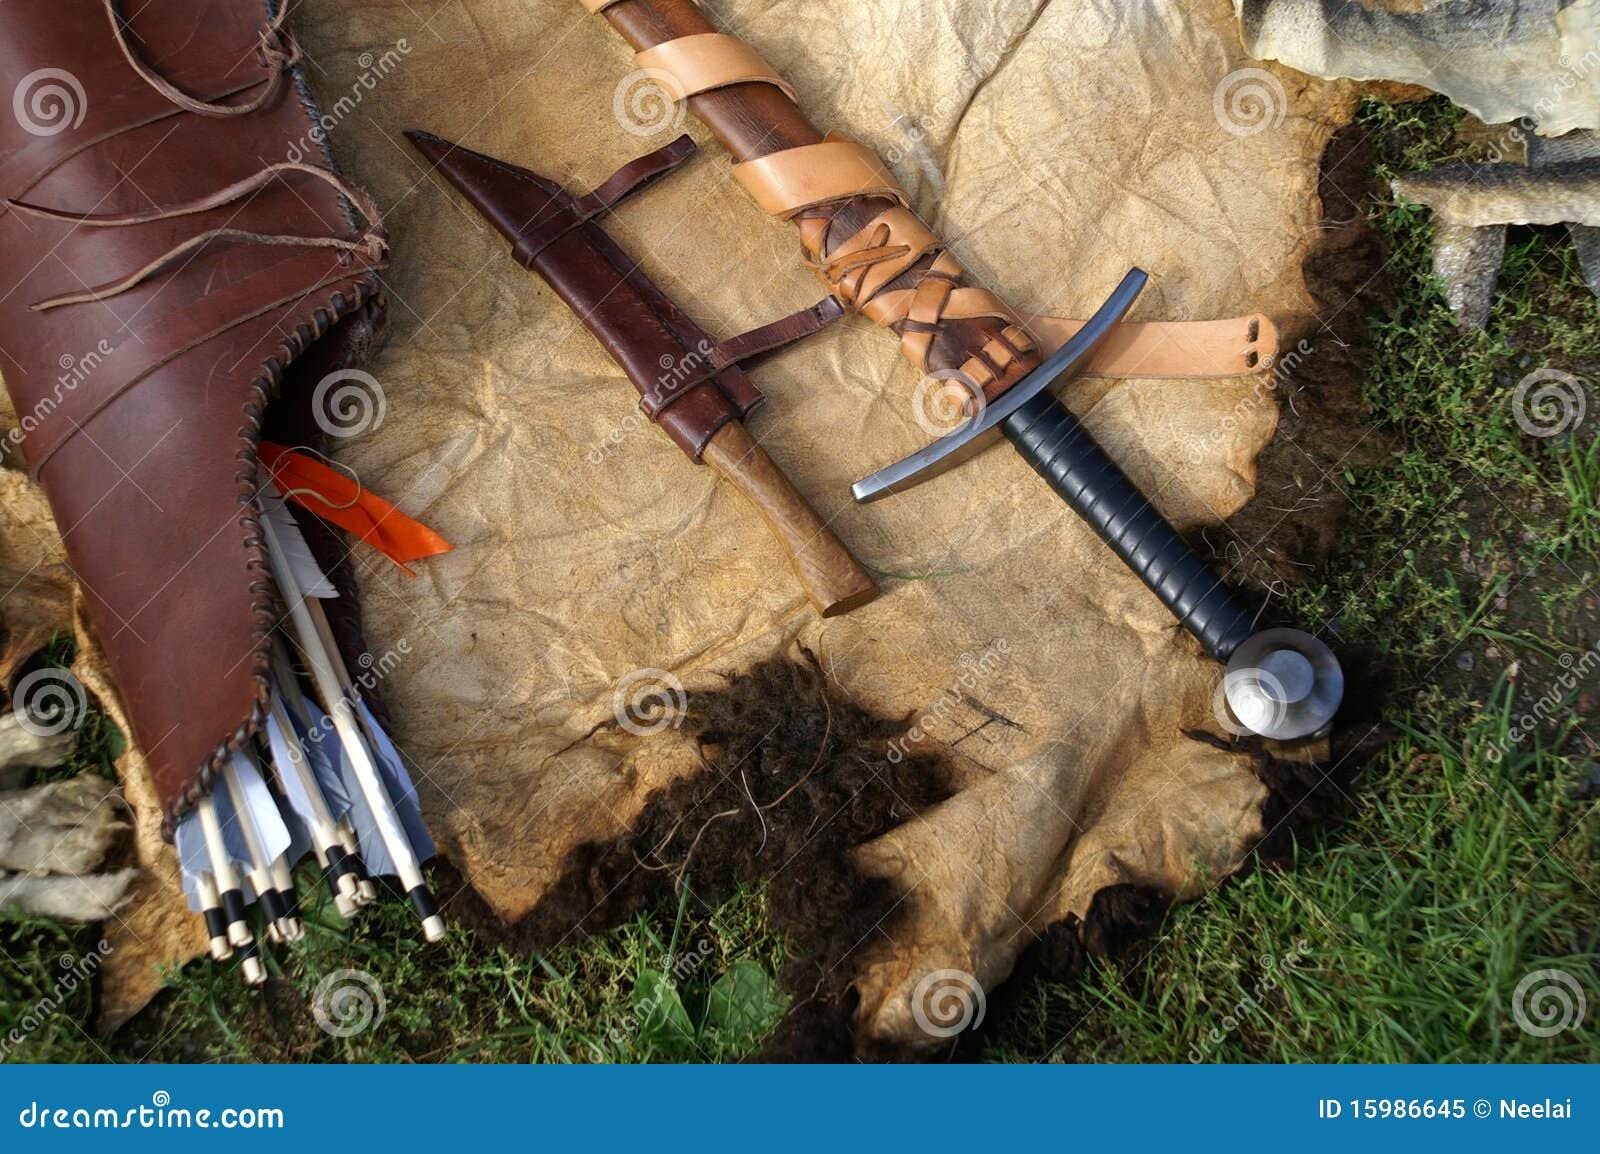 Viking Items Stock Image Image Of Knife Skin Viking 15986645